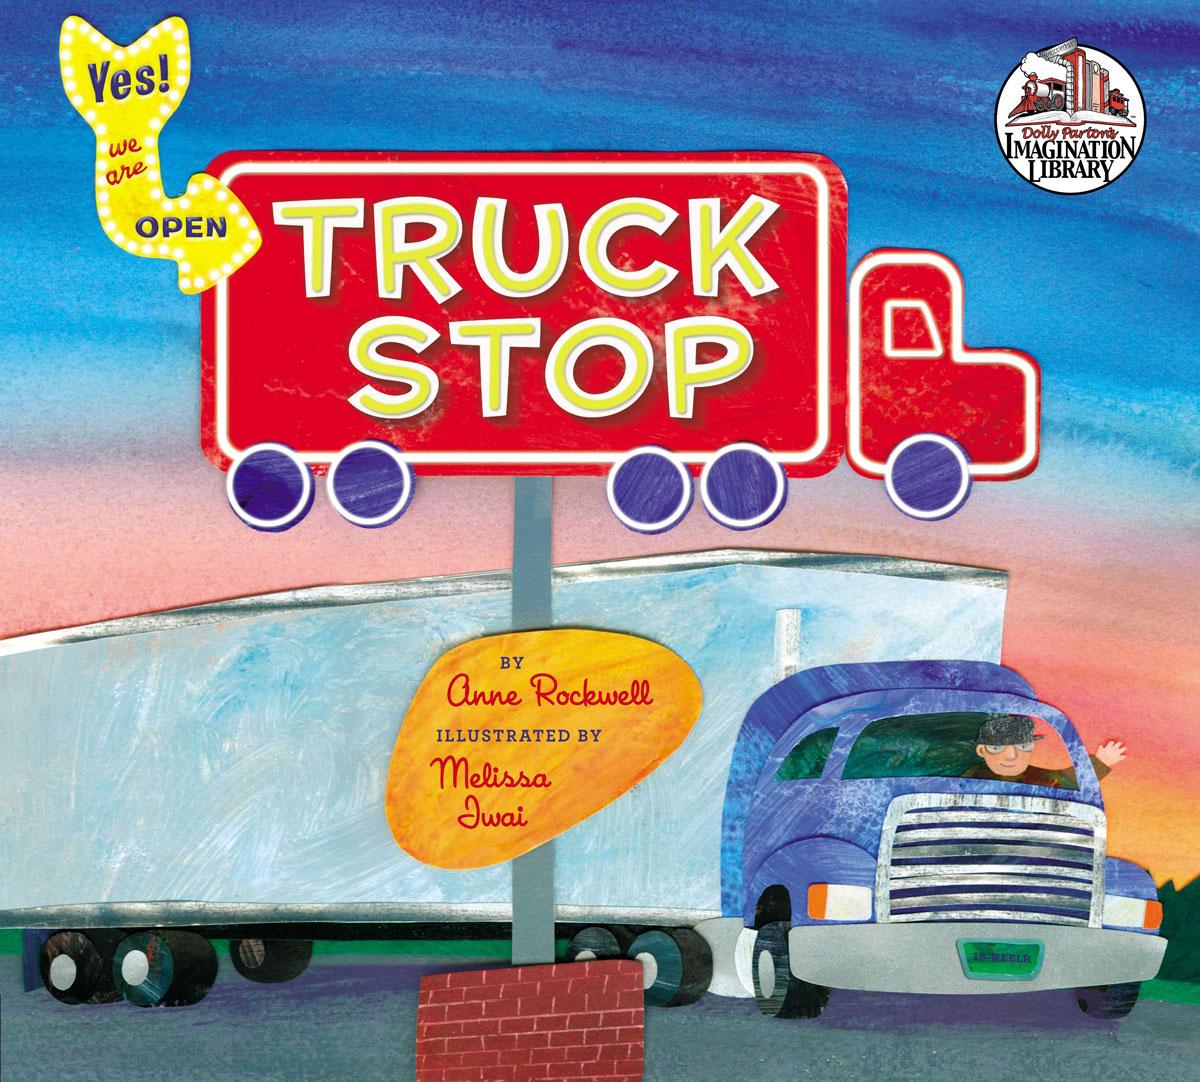 TruckStop-logo.jpg